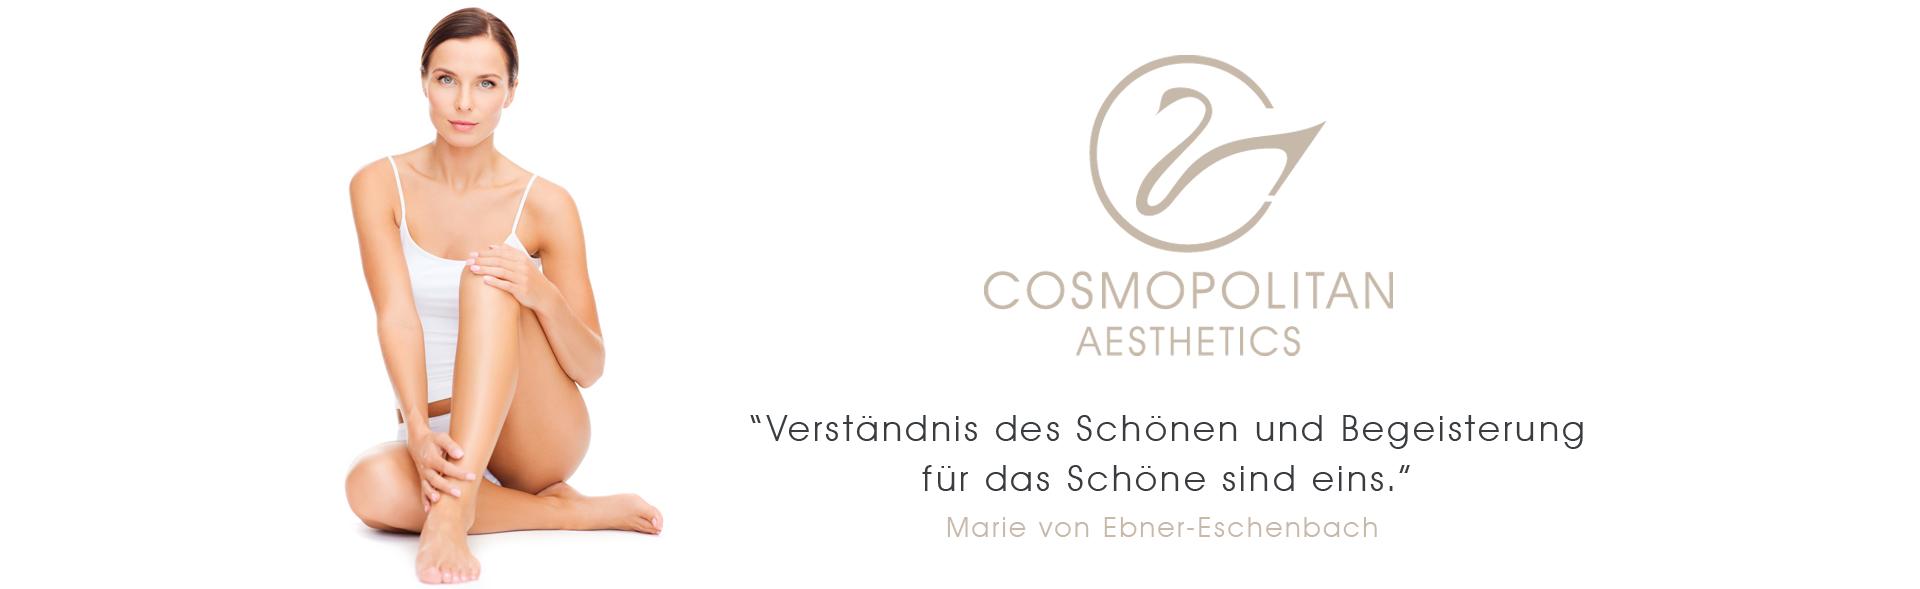 Schönheitschirurgie Hamburg | Plastische Chirurgie bei Dr. Boorboor